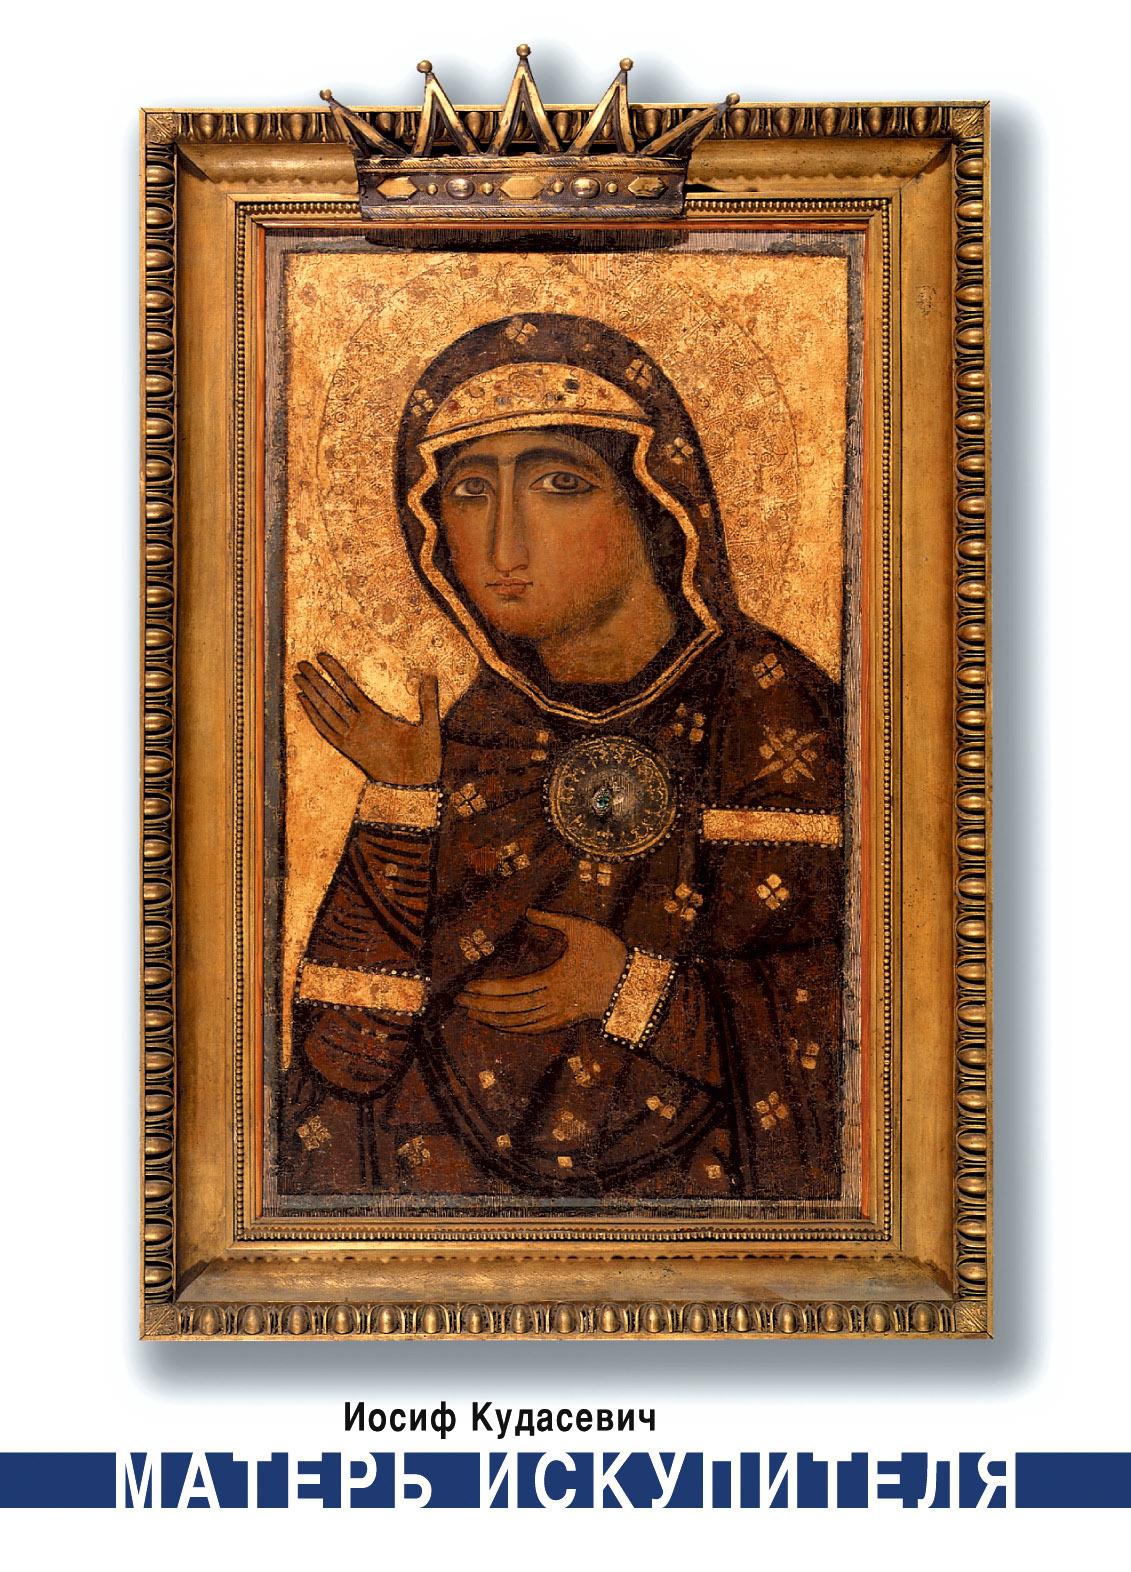 Иосиф Кудасевич - Матерь Искупителя: библейские размышления